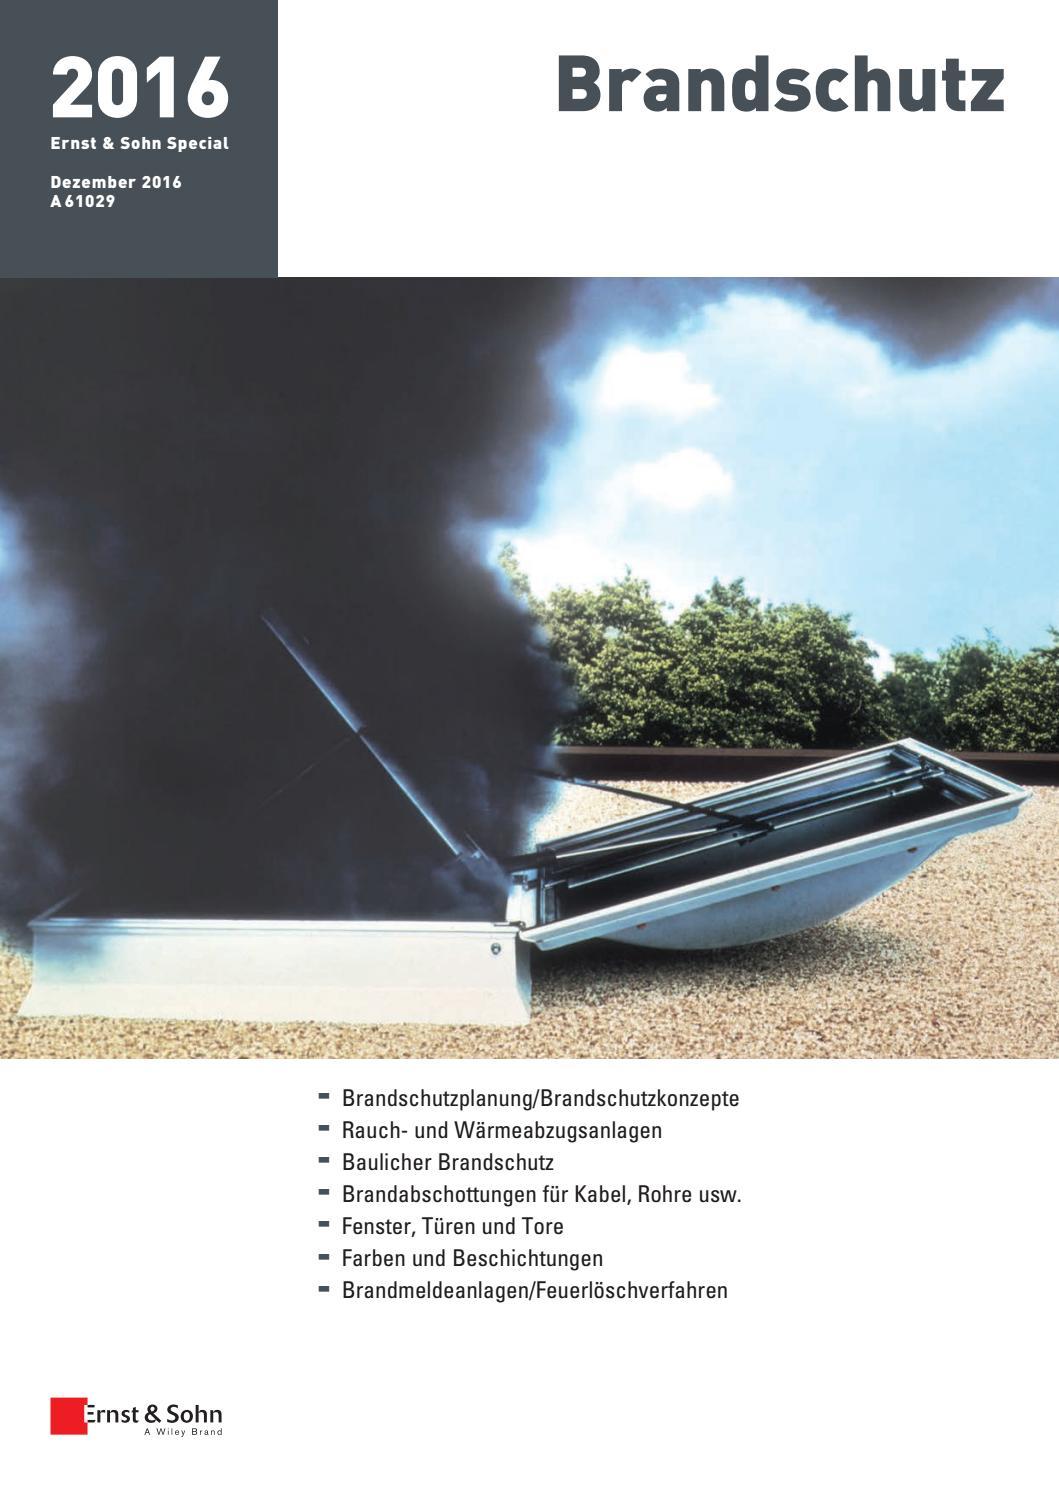 Ernst & Sohn Sonderheft Brandschutz 2016 by Ernst & Sohn - issuu